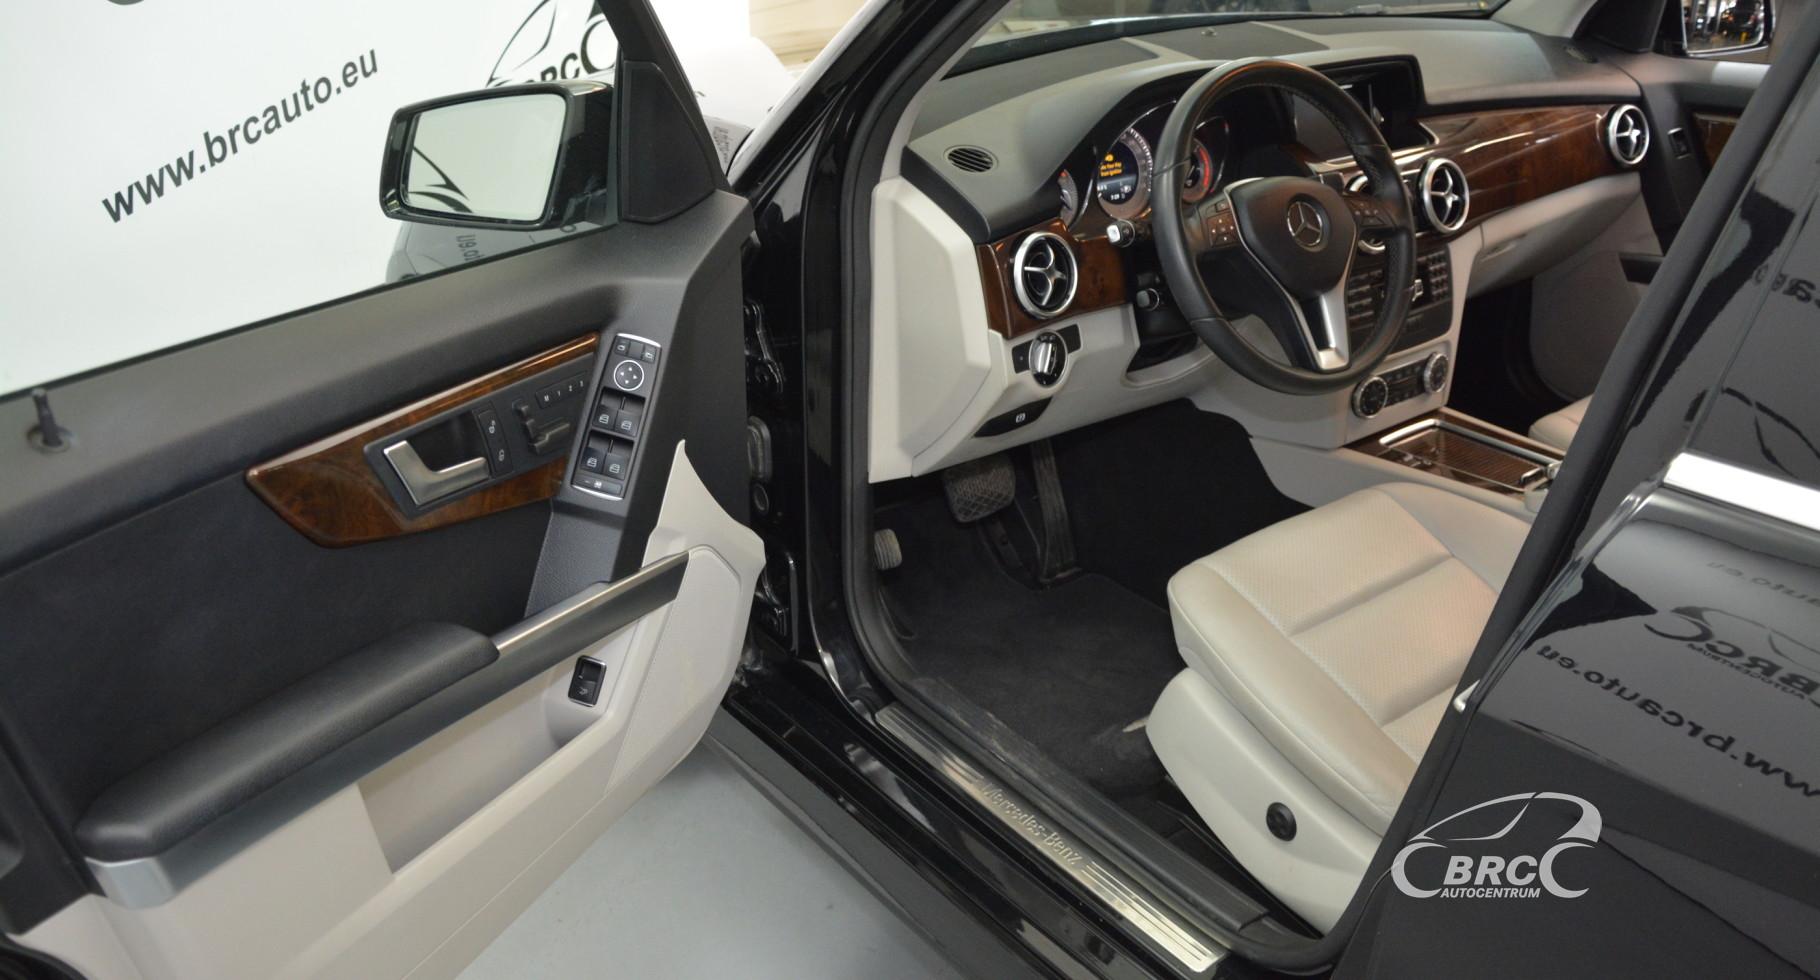 Mercedes-Benz GLK 250 4matic Automatas